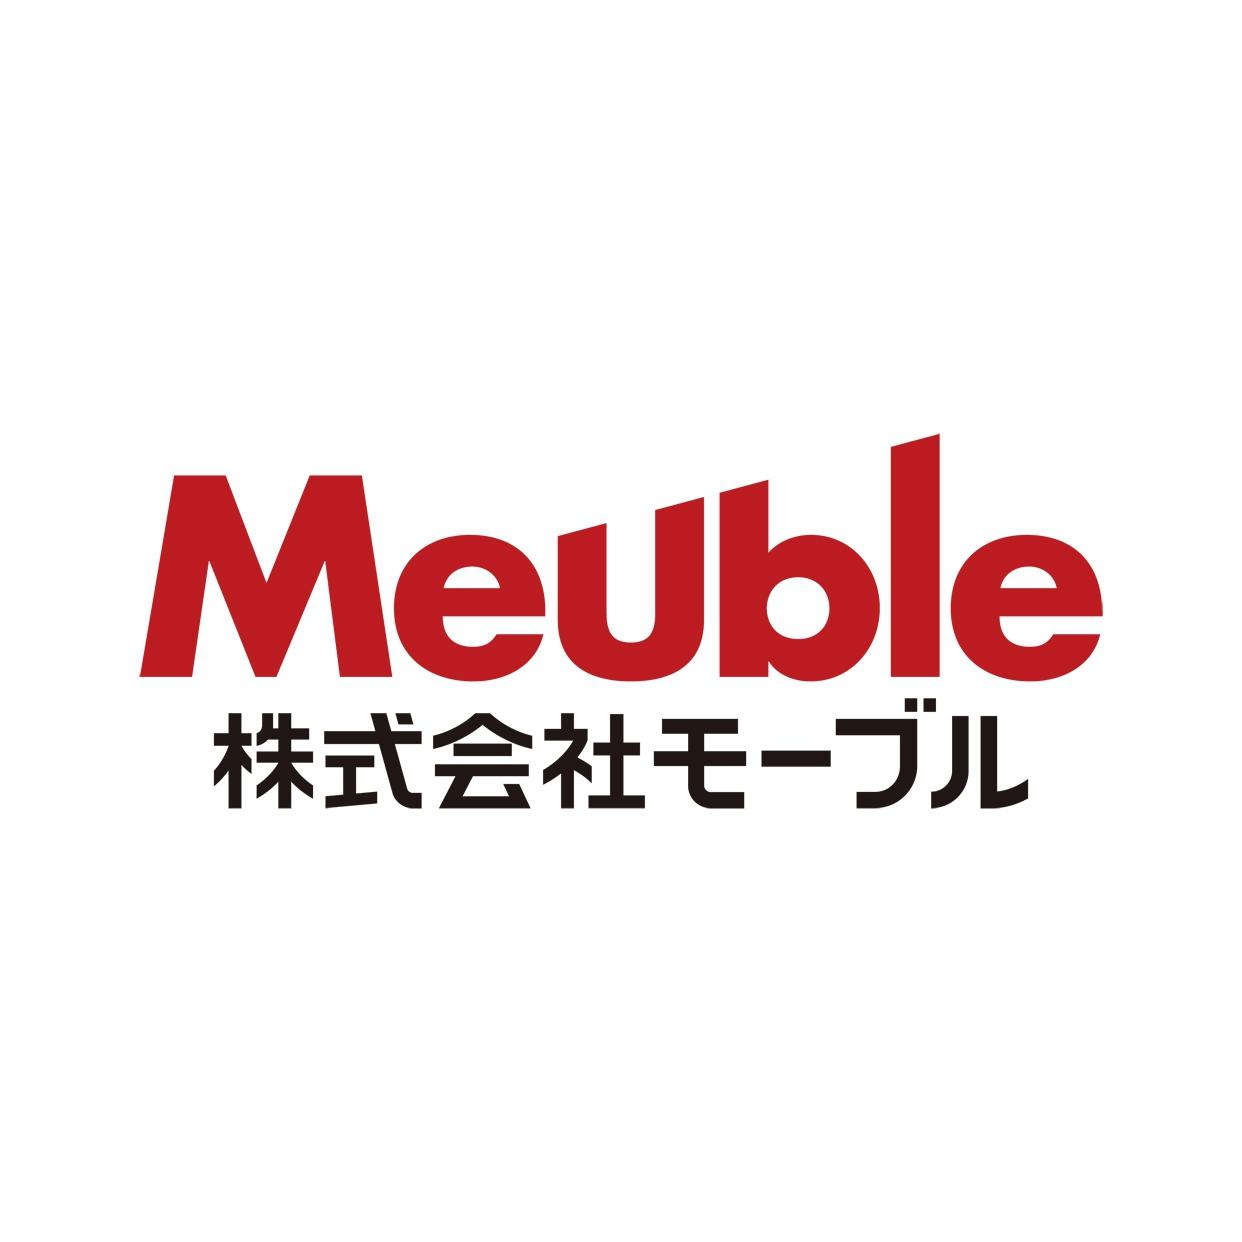 MeubleのRoomClip公式アカウント